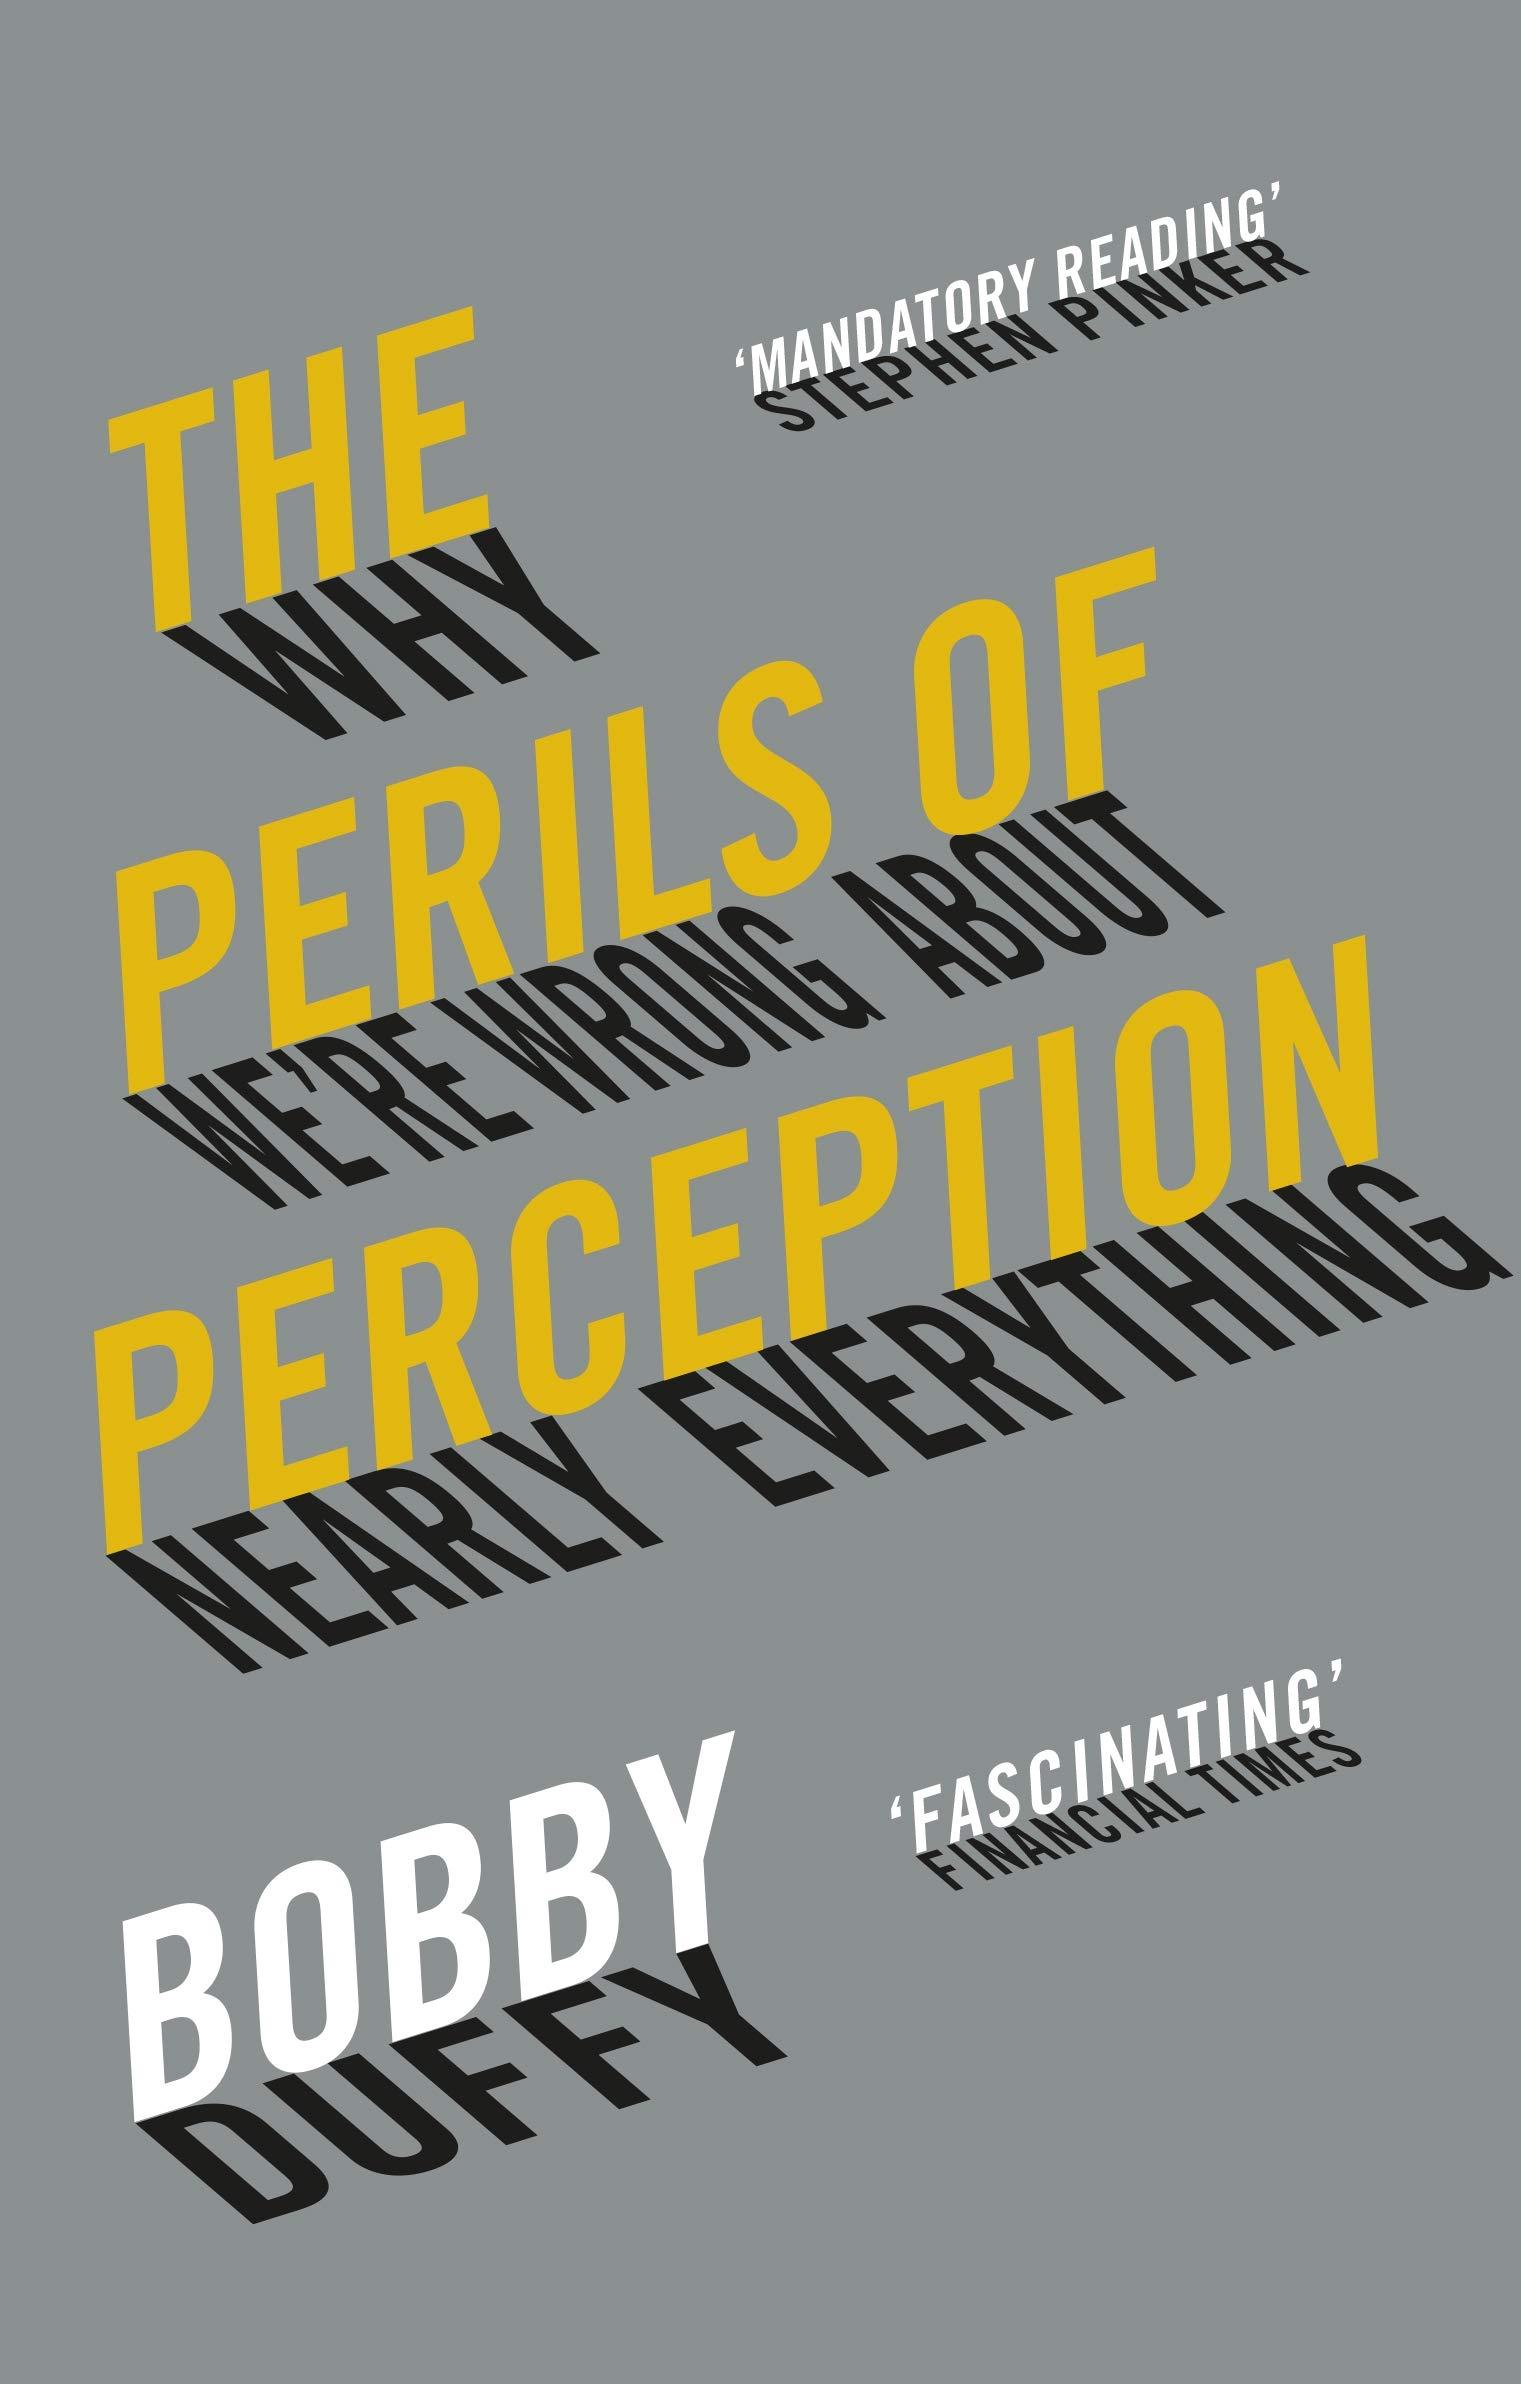 The Perils of Perception thumbnail